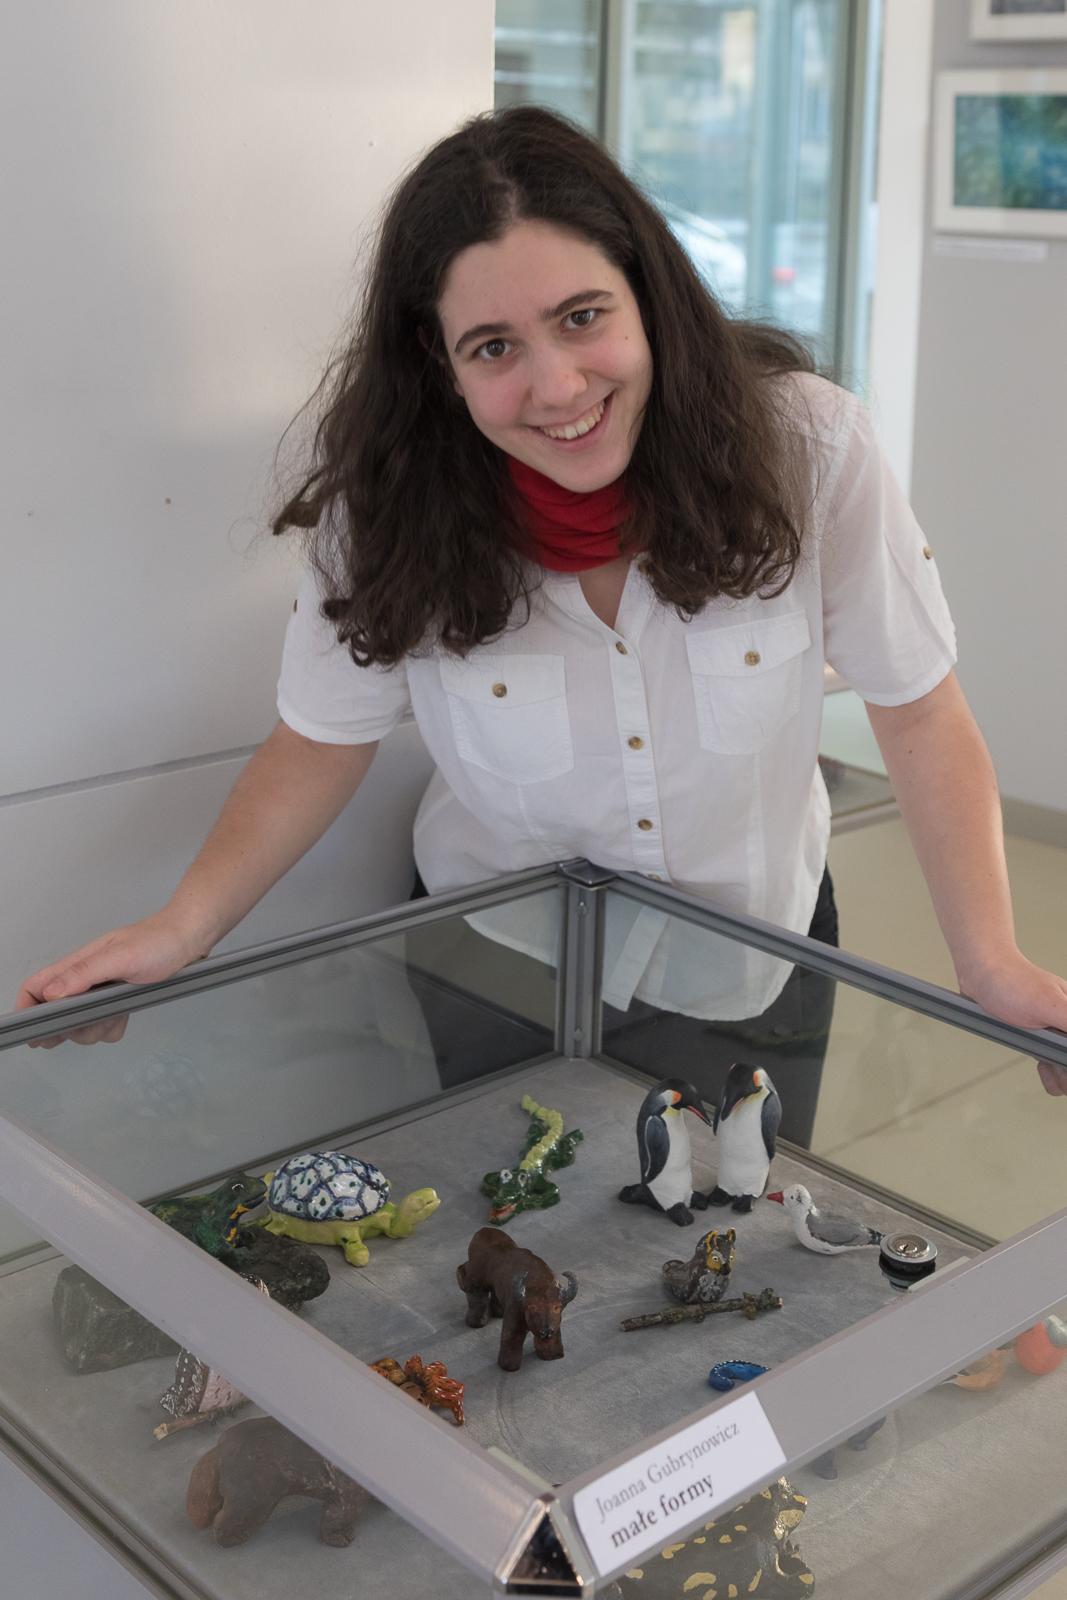 Joanna Gubrynowicz